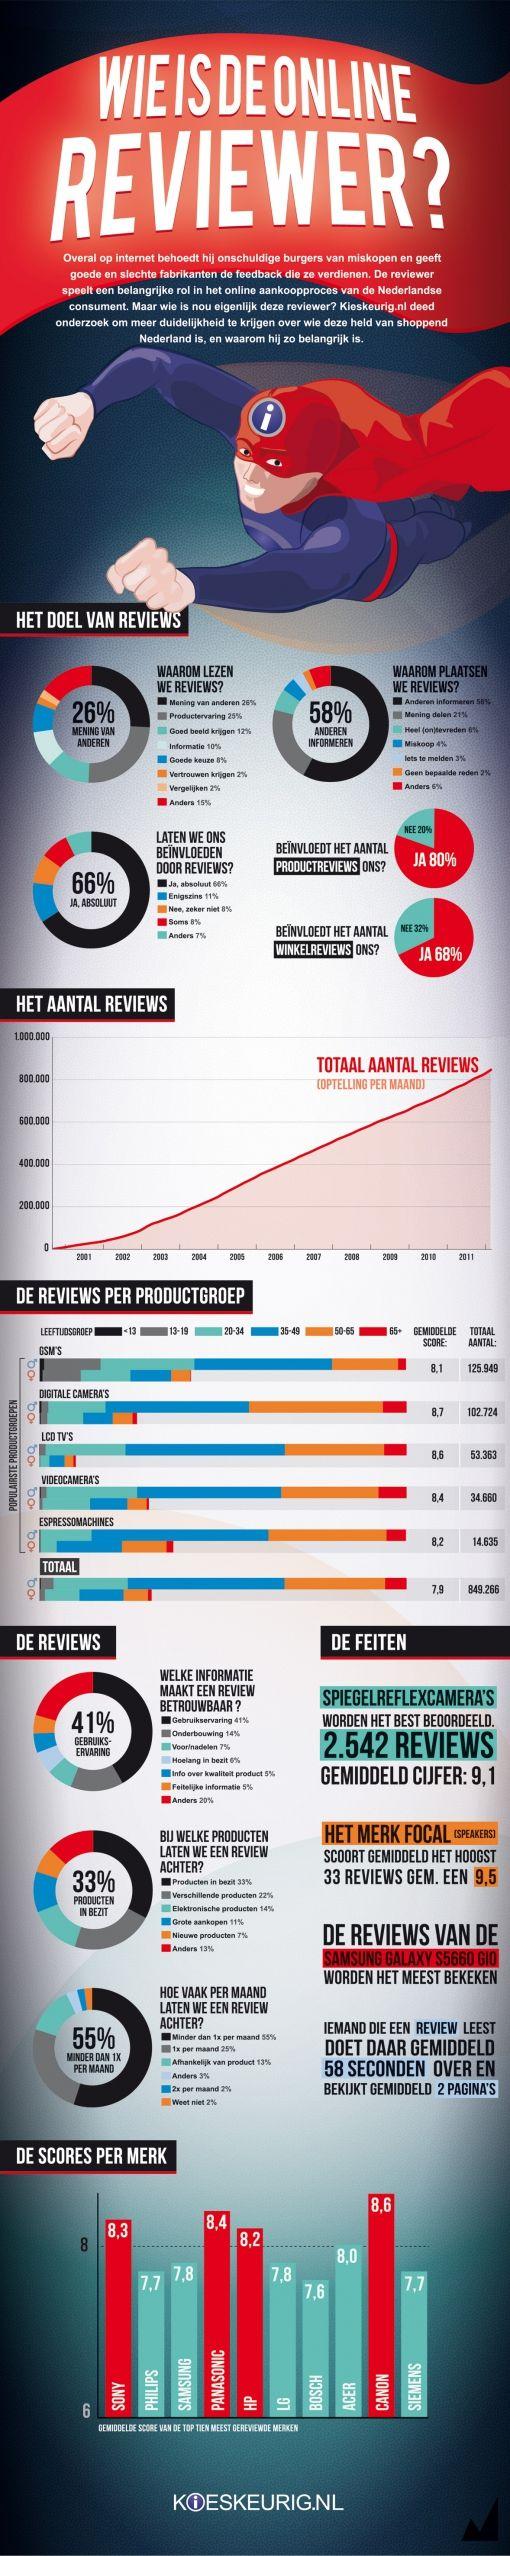 20120319 infographic_reviewer_kieskeurig.nl2012